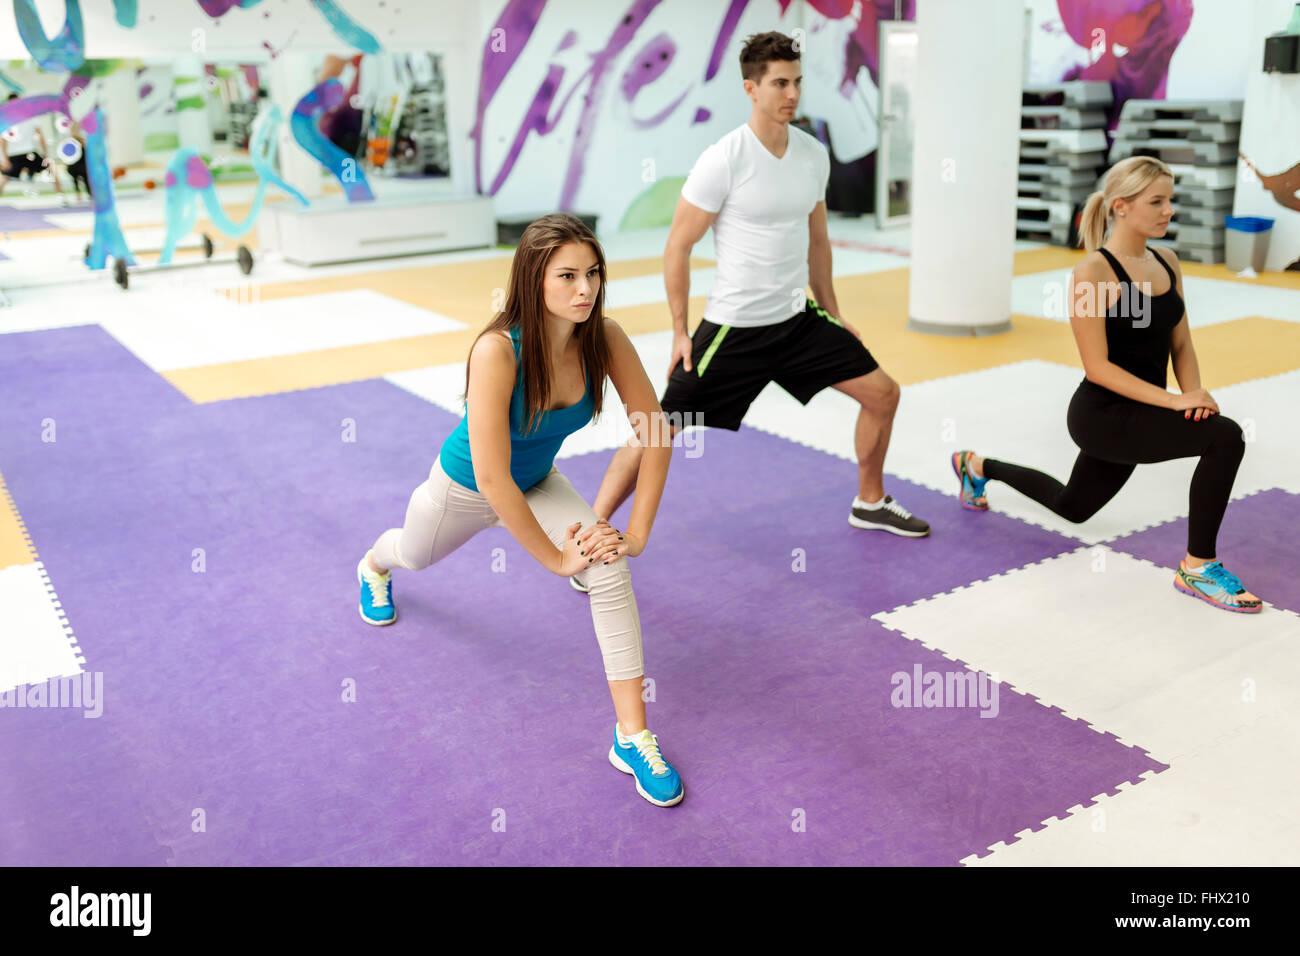 Persone che esercitano nel fitness club con l'aiuto di personal trainer Immagini Stock